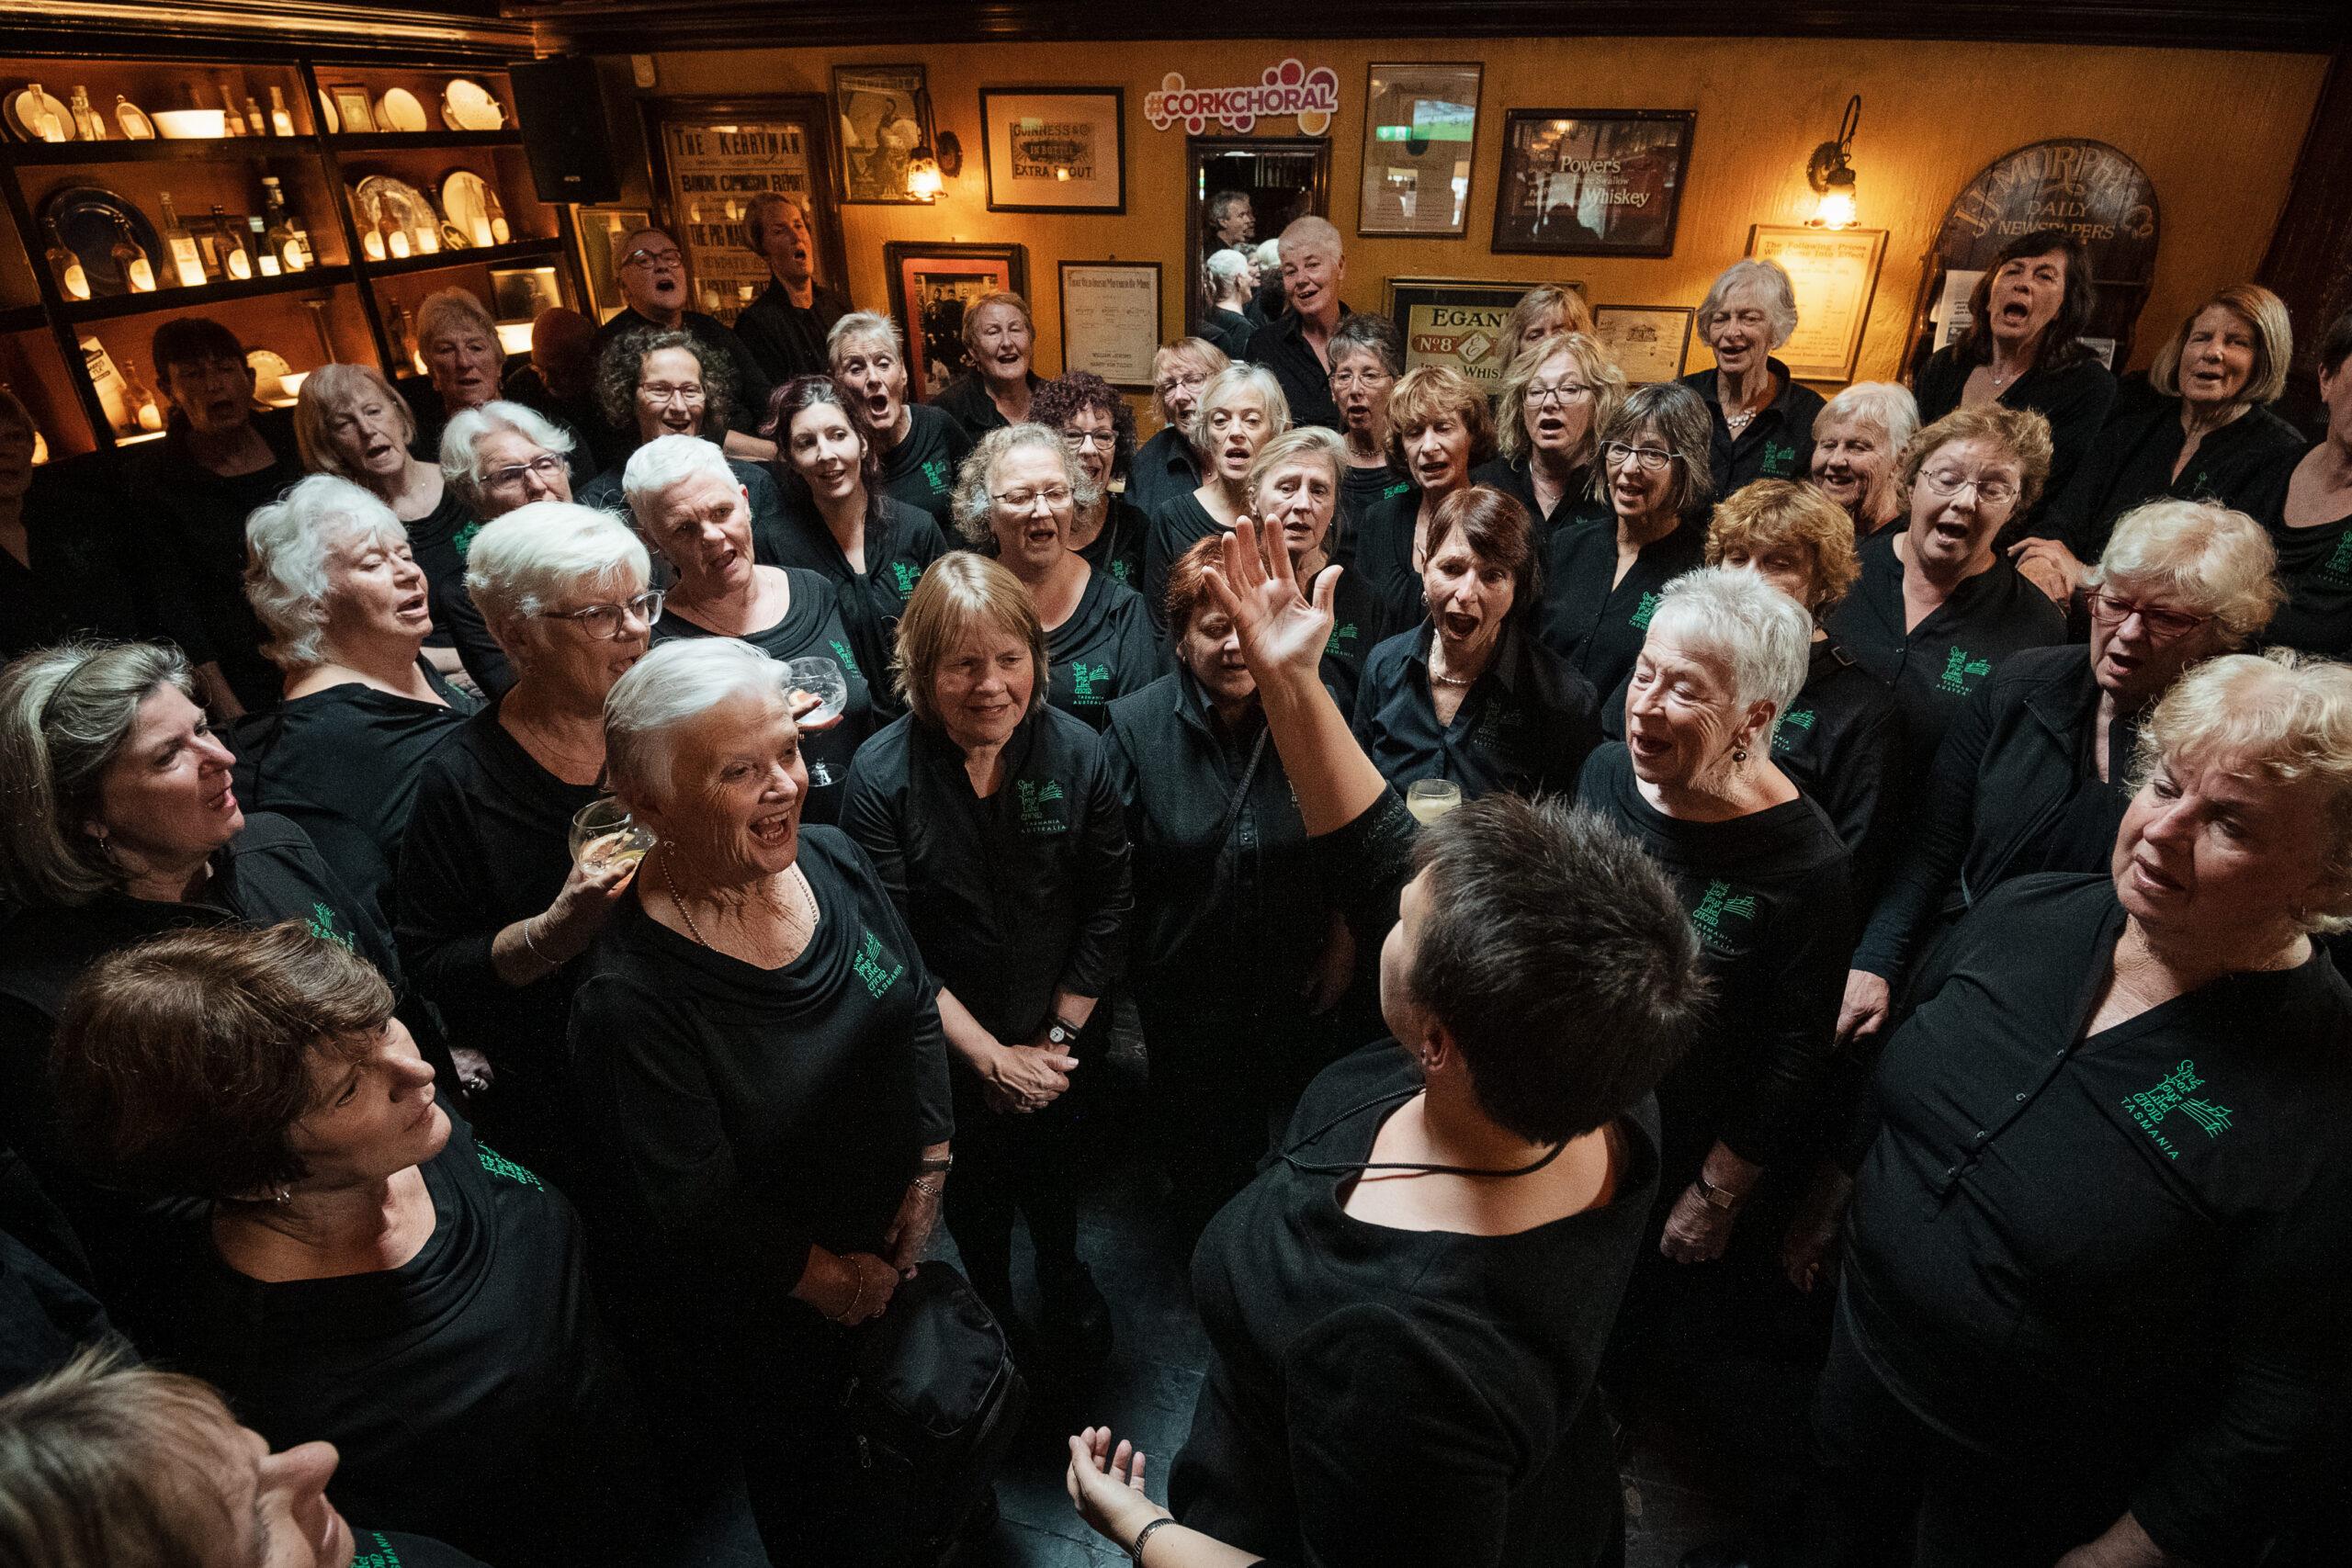 Jed Niezgoda, Irska: Pevska pot, 2019, Pevski zbor Sing For Your Life!, Avstralija - Pevski zbor Sing For Your Life! med nastopom v tradicionalnem irskem baru Shelbourne Bar v osrčju irskega mesta Cork v sklopu pevske poti Choral Trail na mednarodnem pevskem festivalu v Corku.